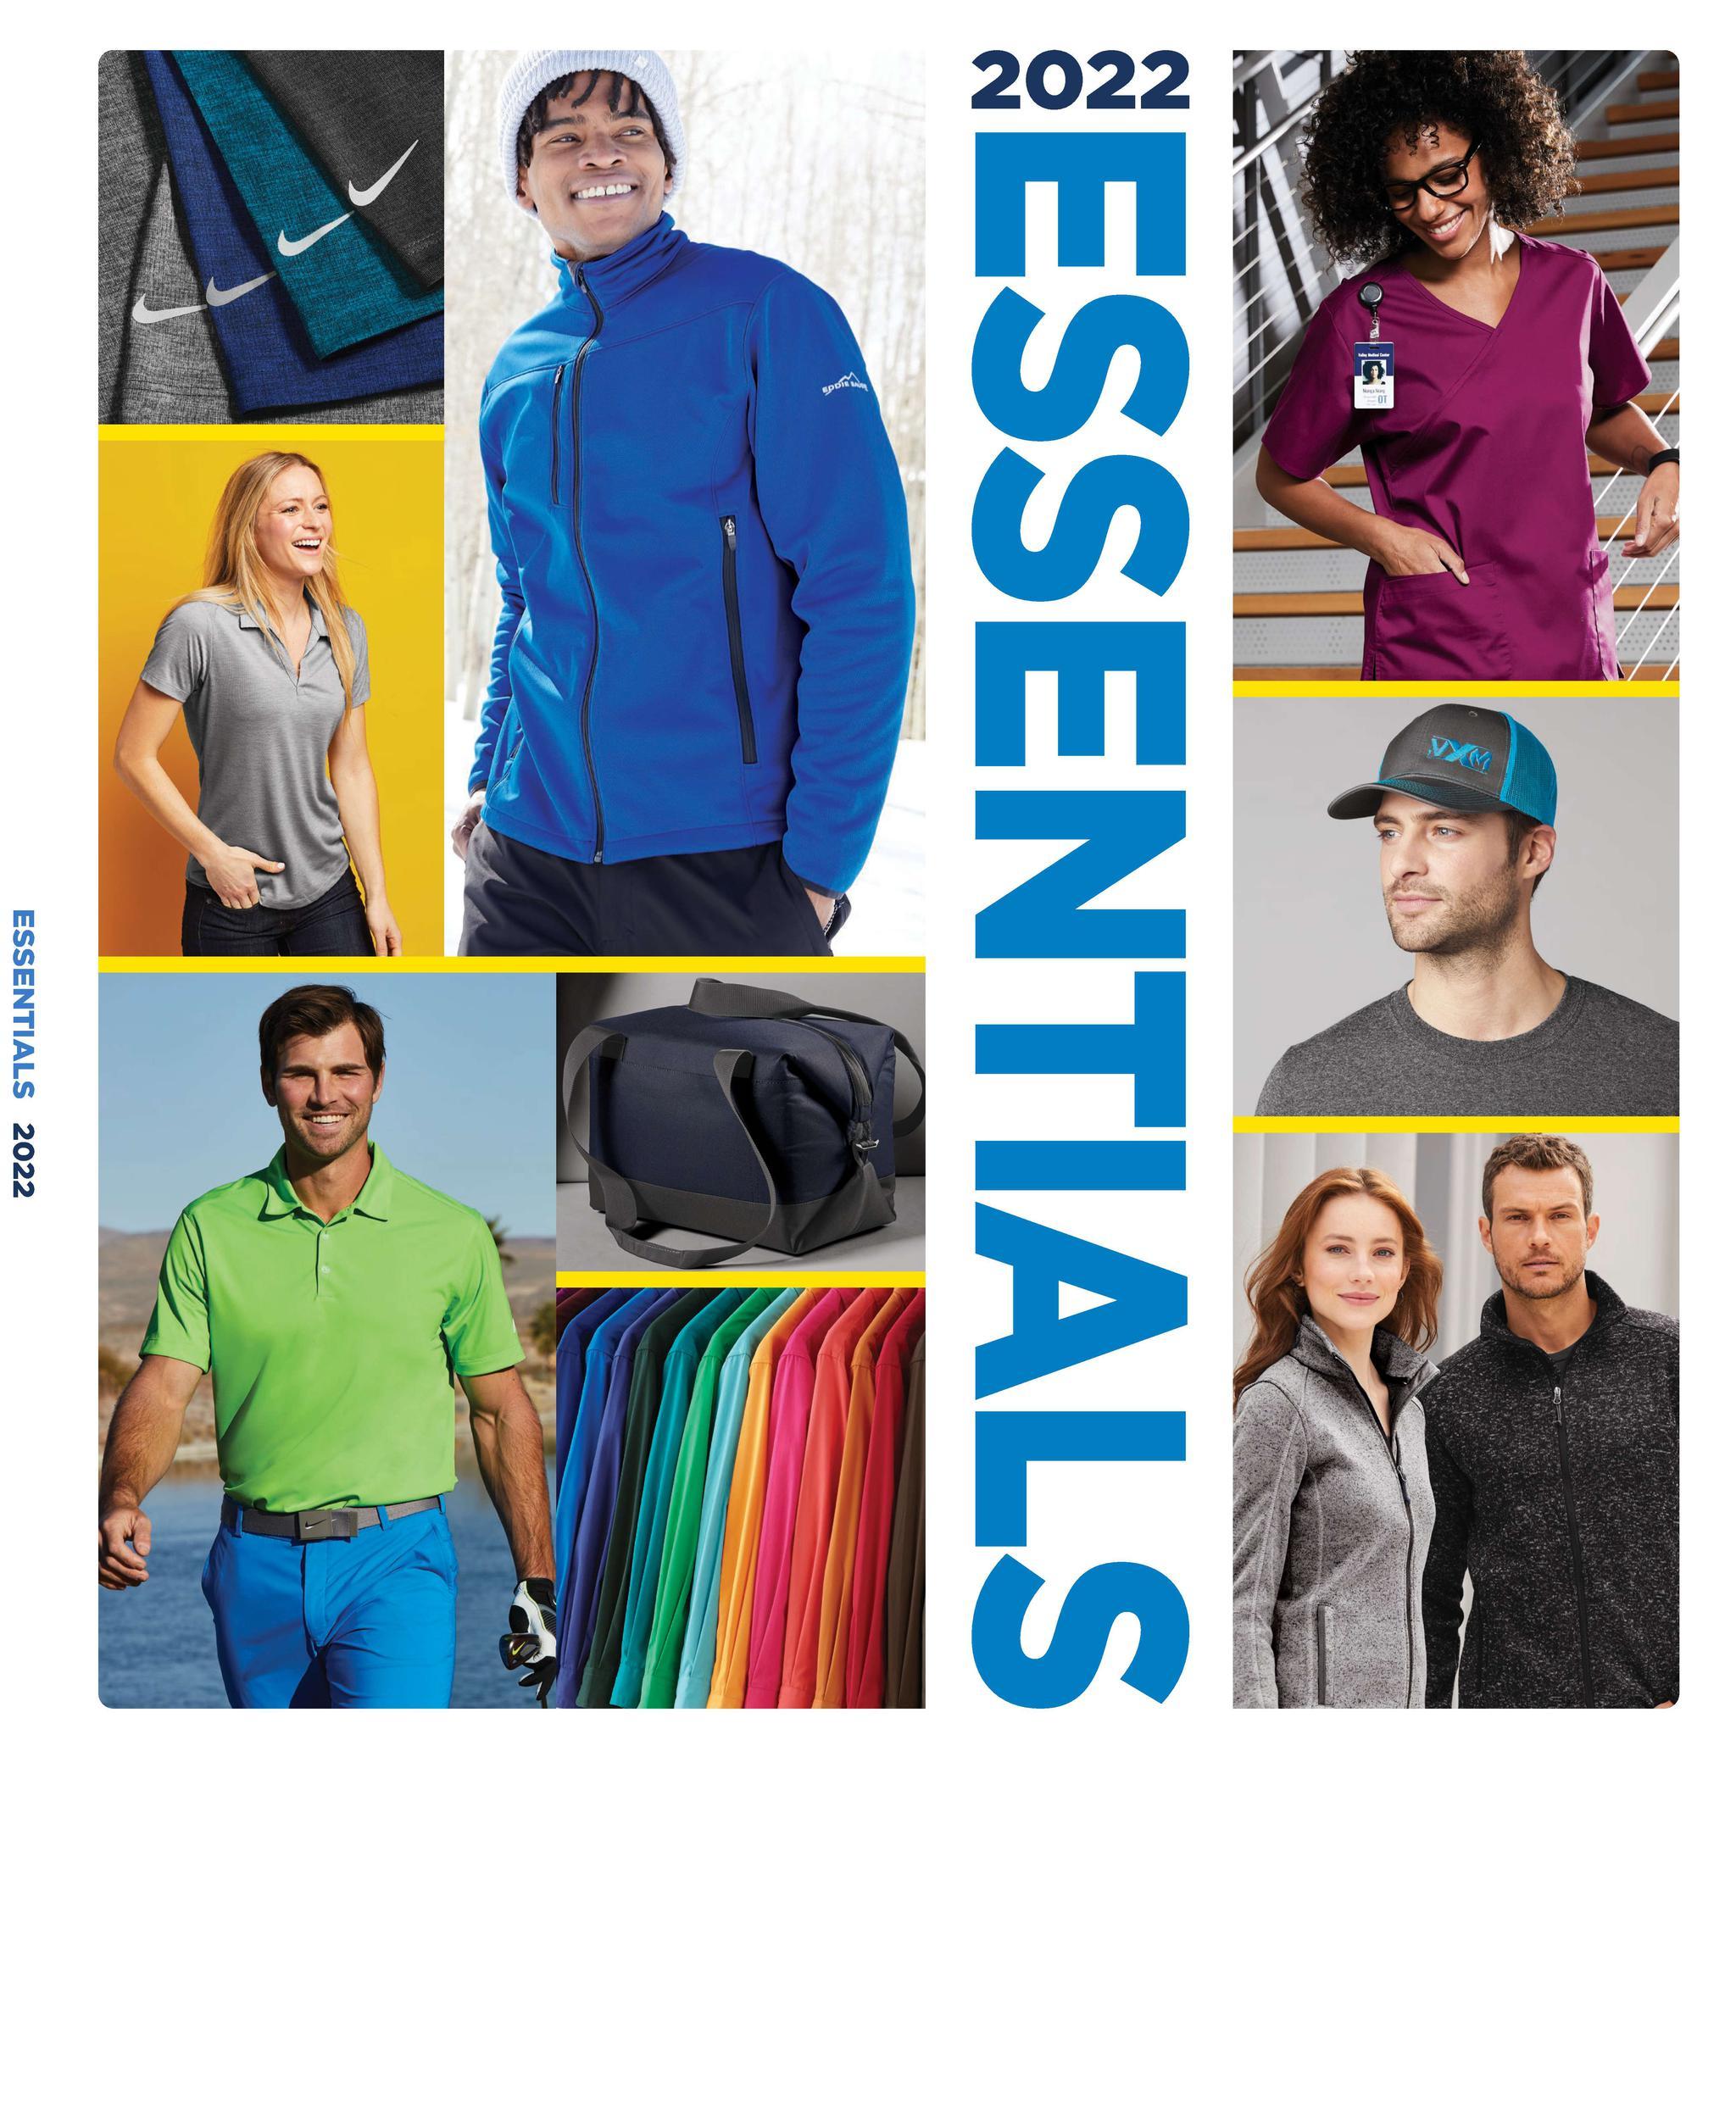 2022 Apparel Essentials catalog